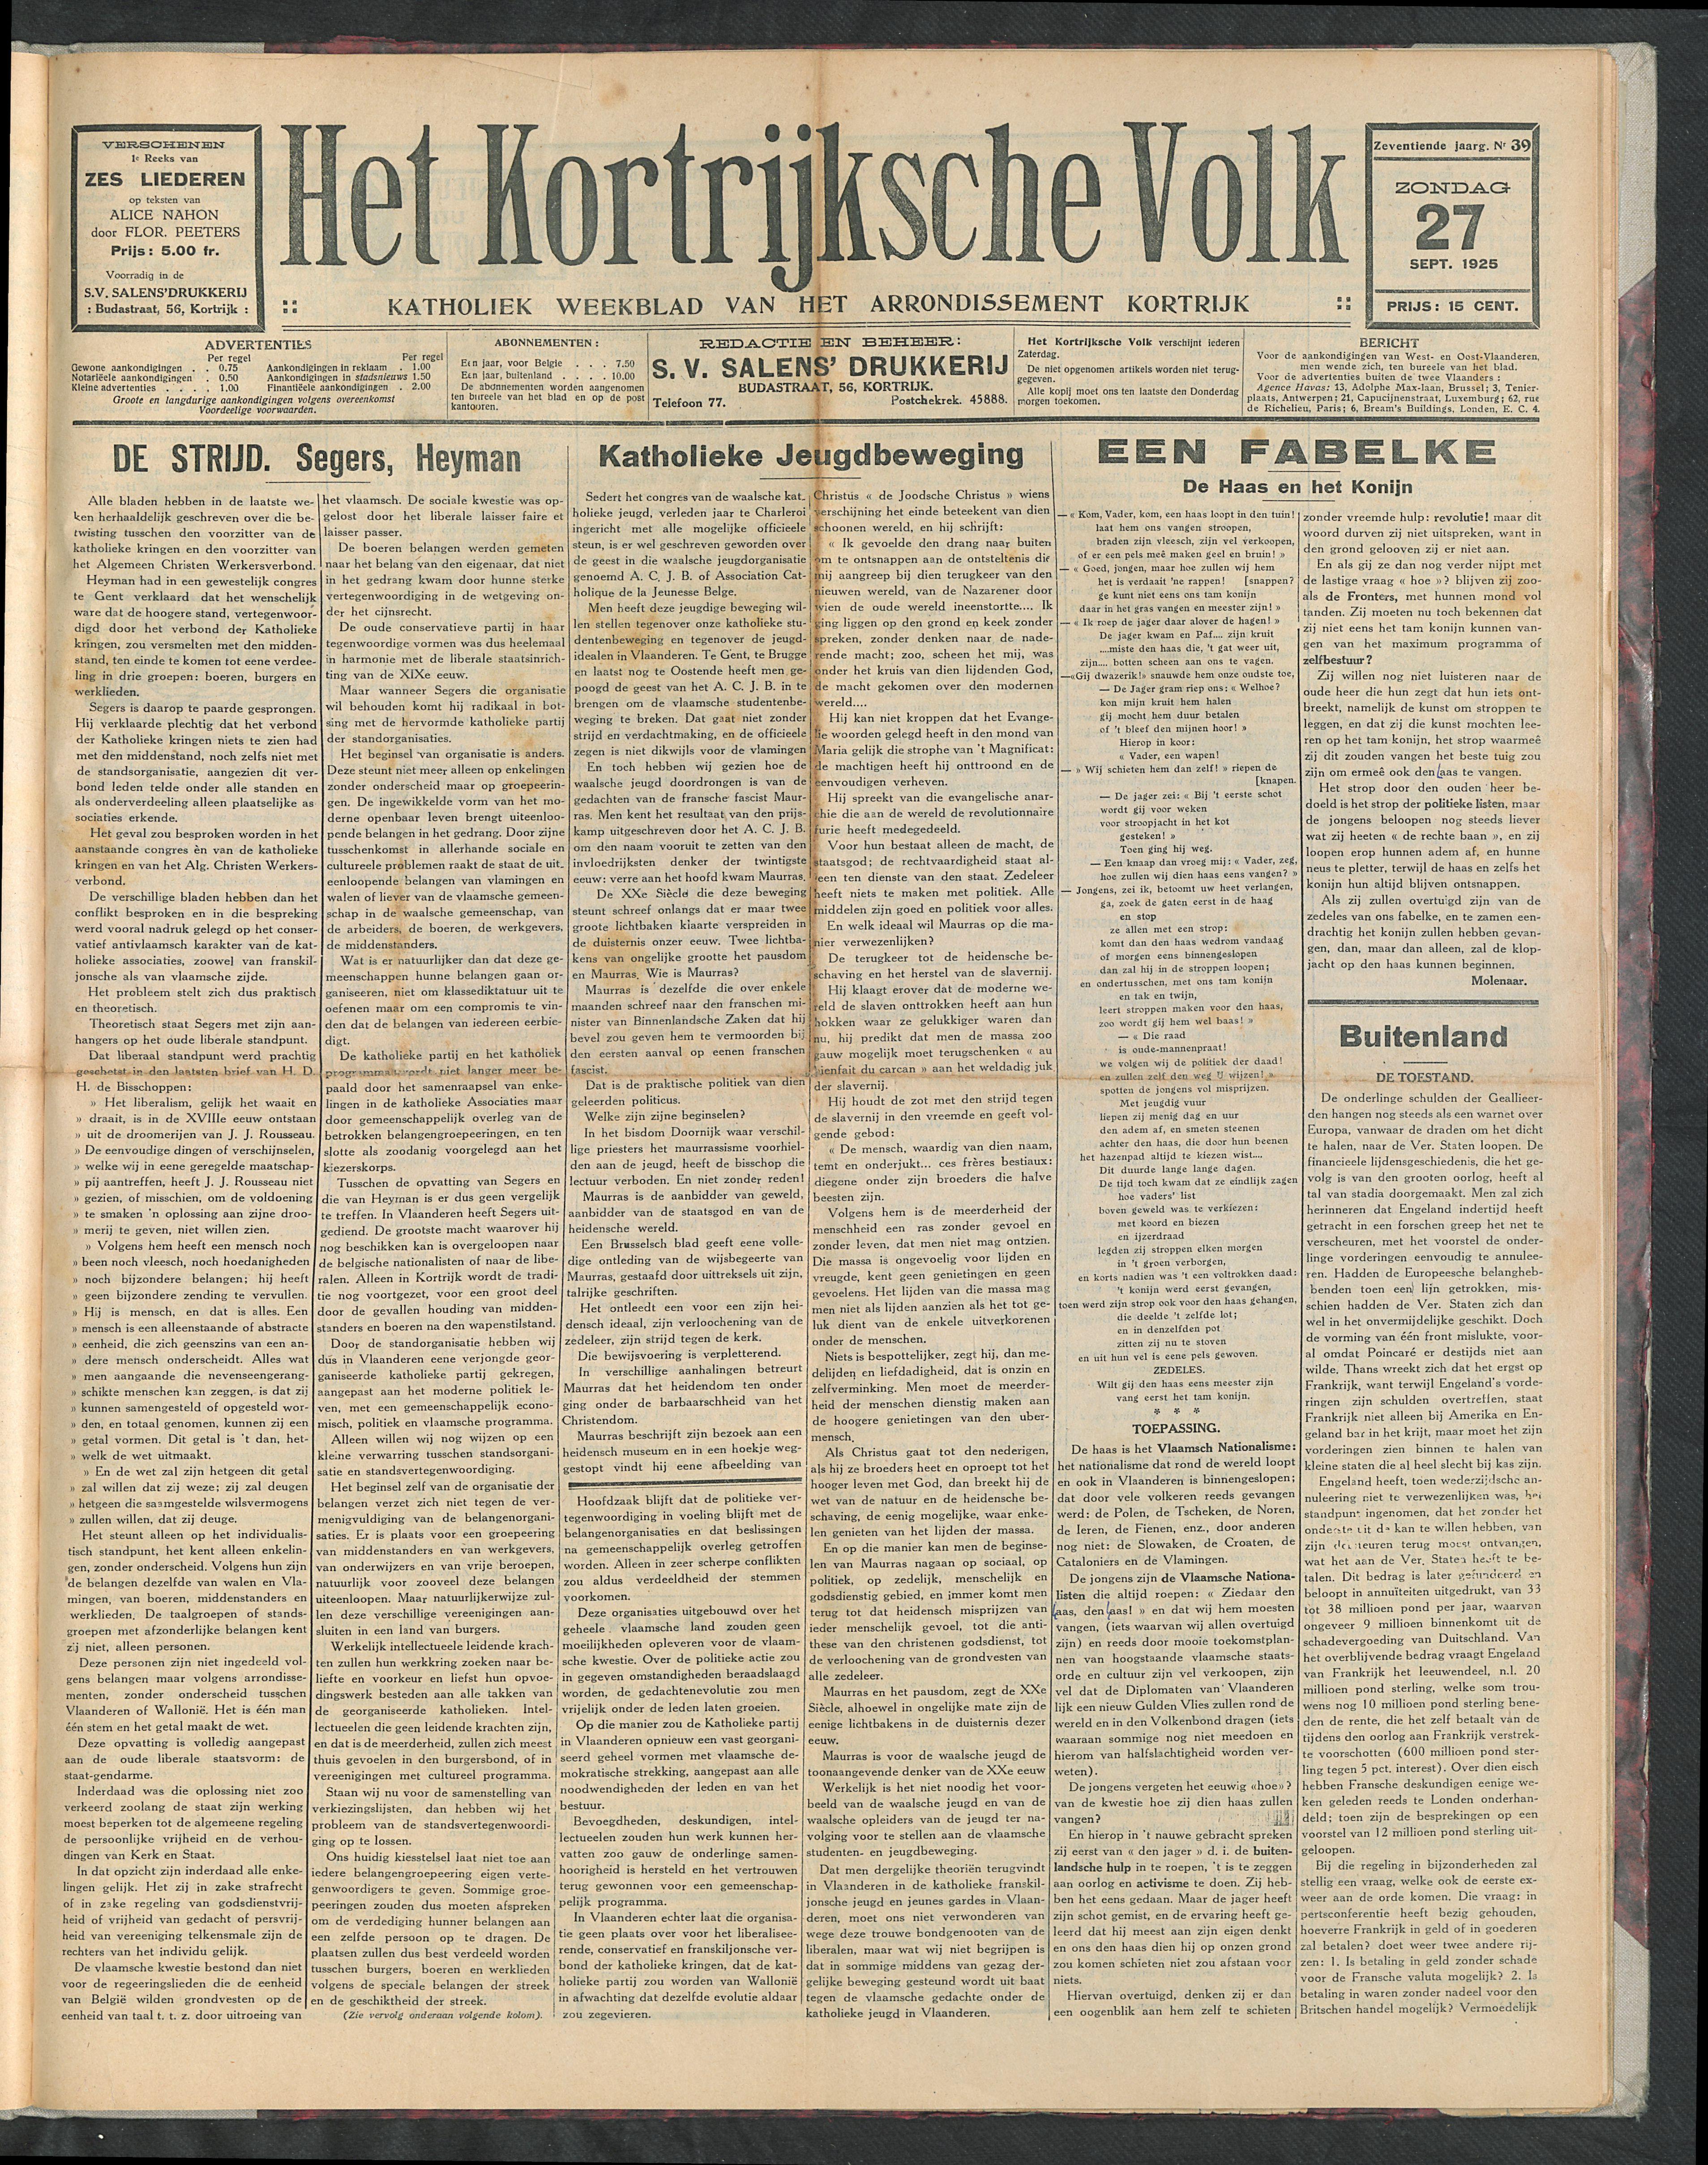 Het Kortrijksche Volk 1925-09-27 p1